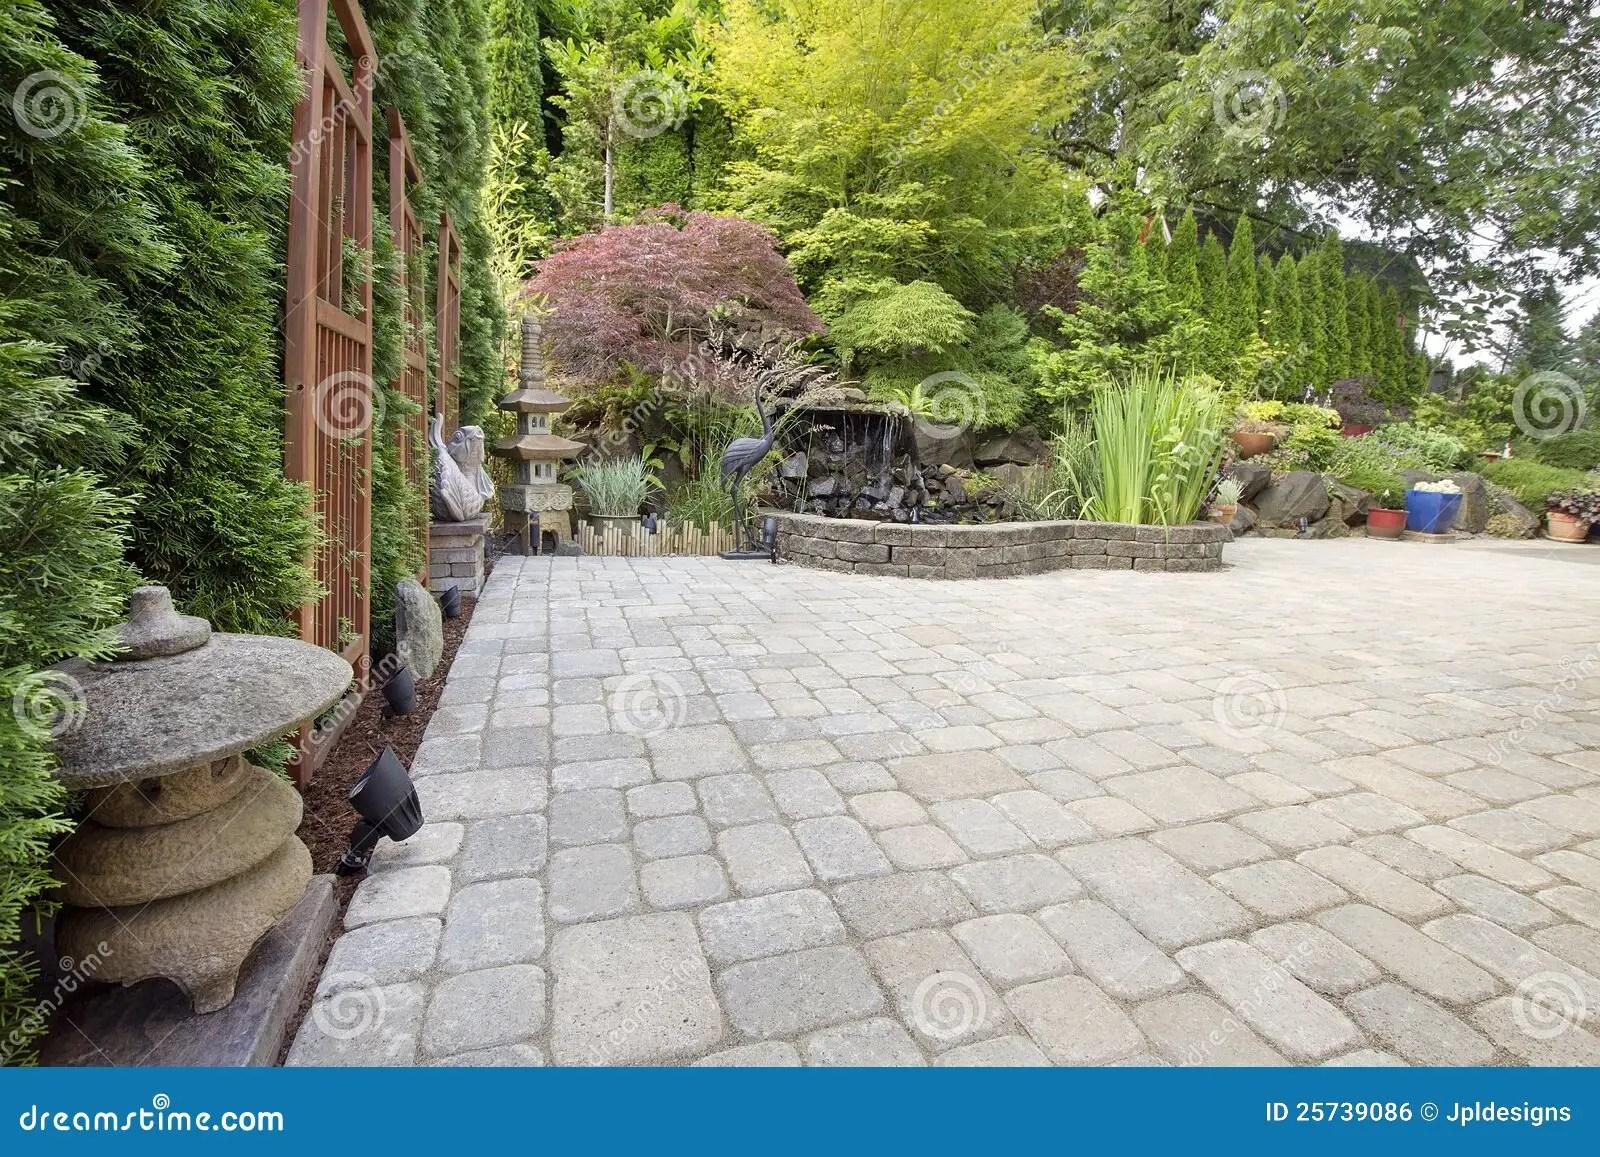 Backyard Asian Inspired Paver Patio Garden Stock Photo